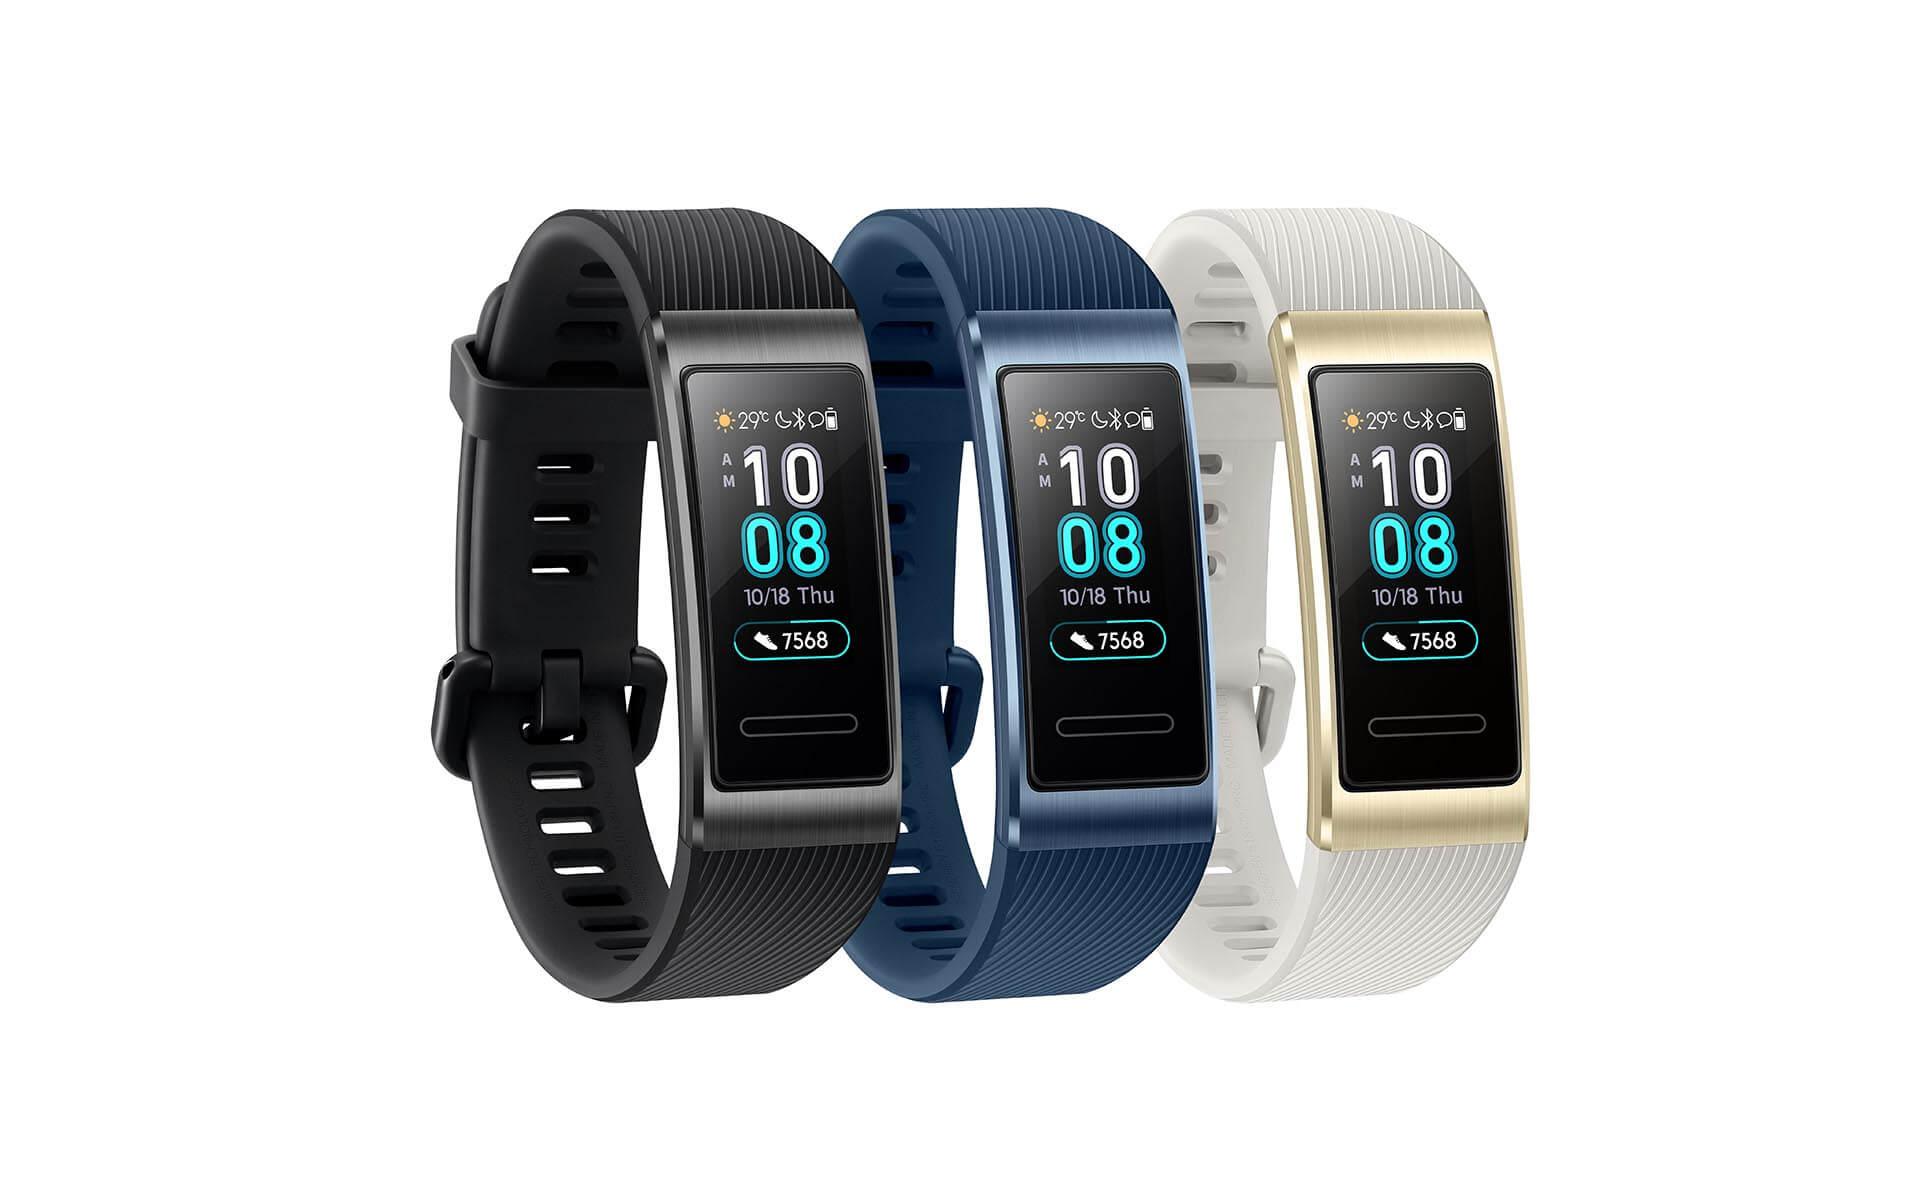 Watch GT, Band 3e und Band 3 Pro: Huawei stellt neue Wearables vor 12